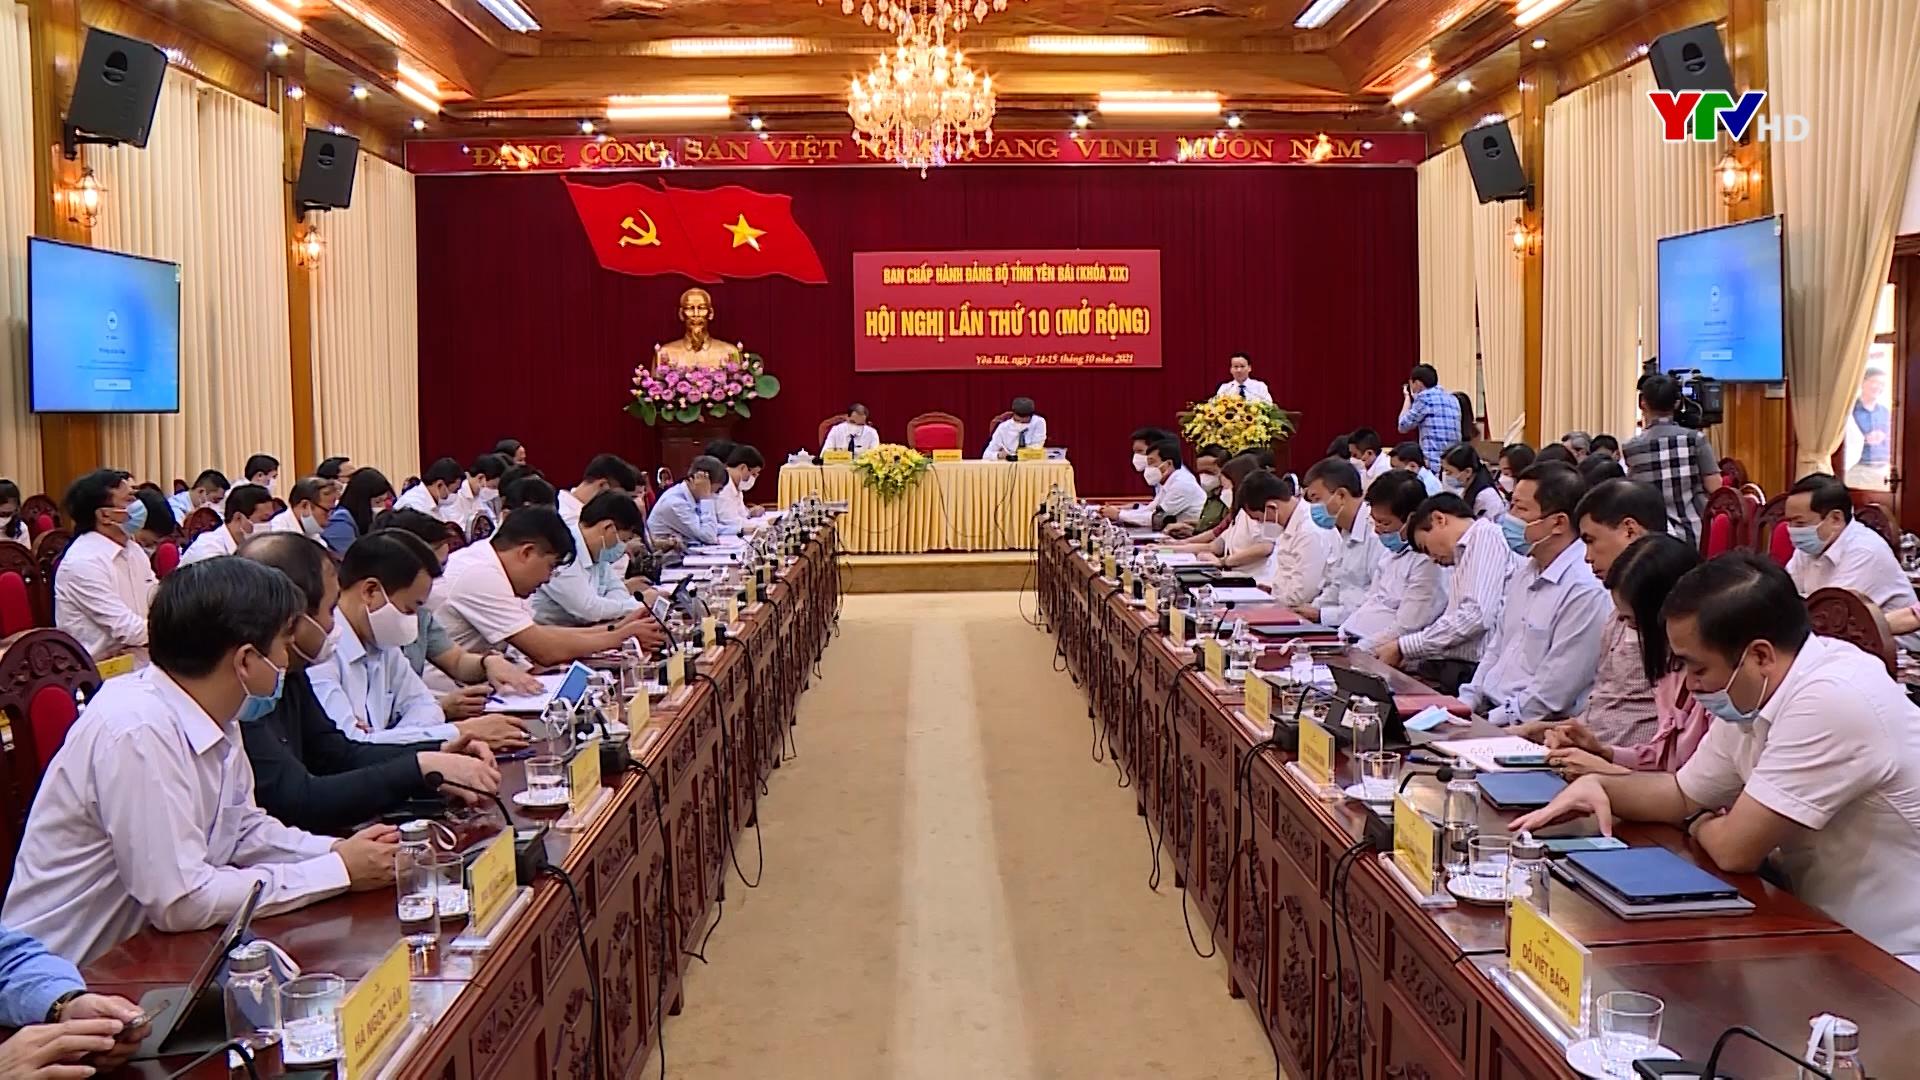 Hội nghị Ban Chấp hành Đảng bộ tỉnh lần thứ 10 (mở rộng) thành công tốt đẹp